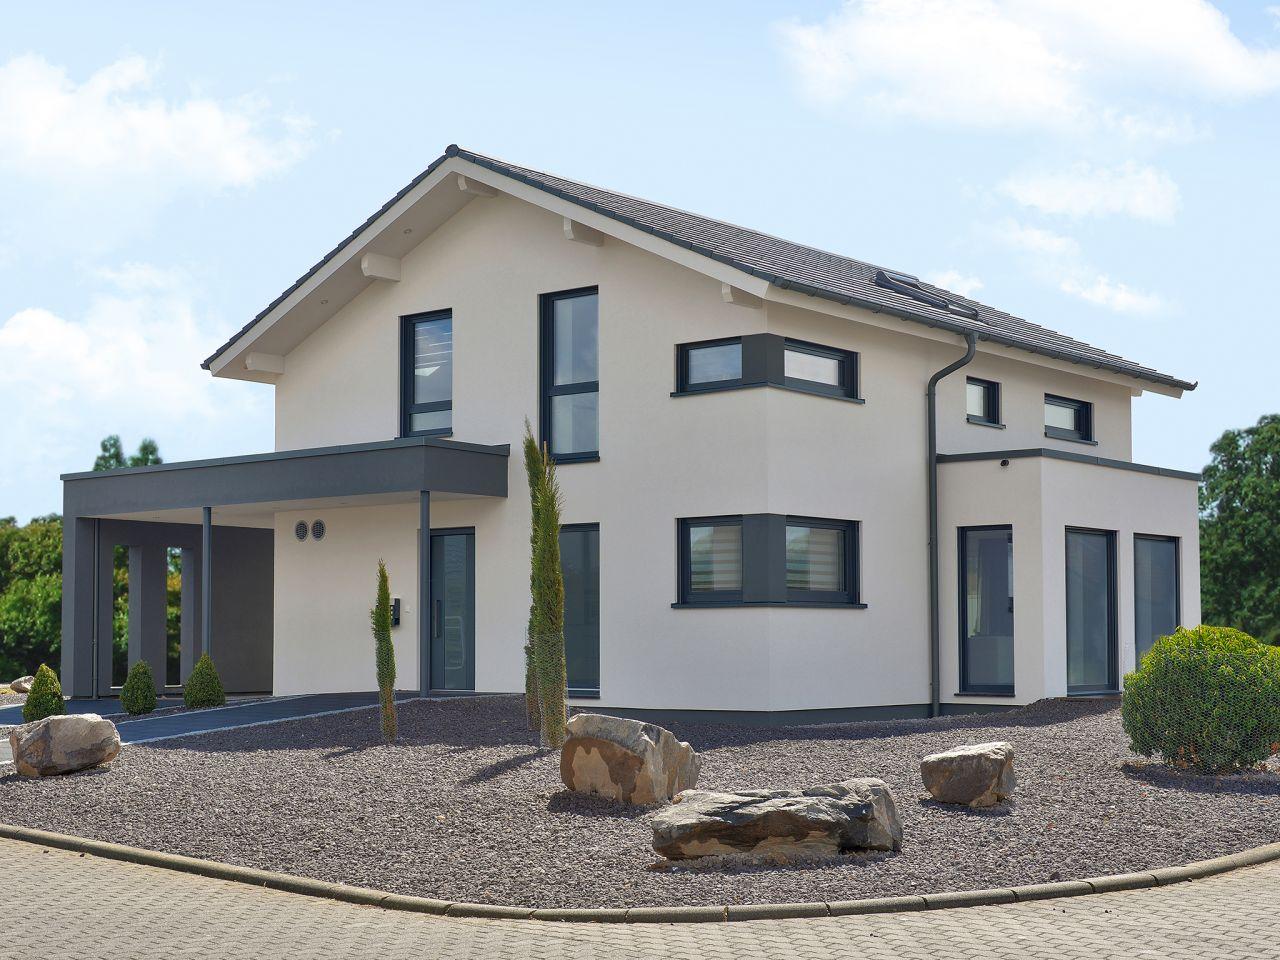 VIVA LA ZUHAUSE ! Dein modernes Einfamilienhaus in SIGMARINGEN!